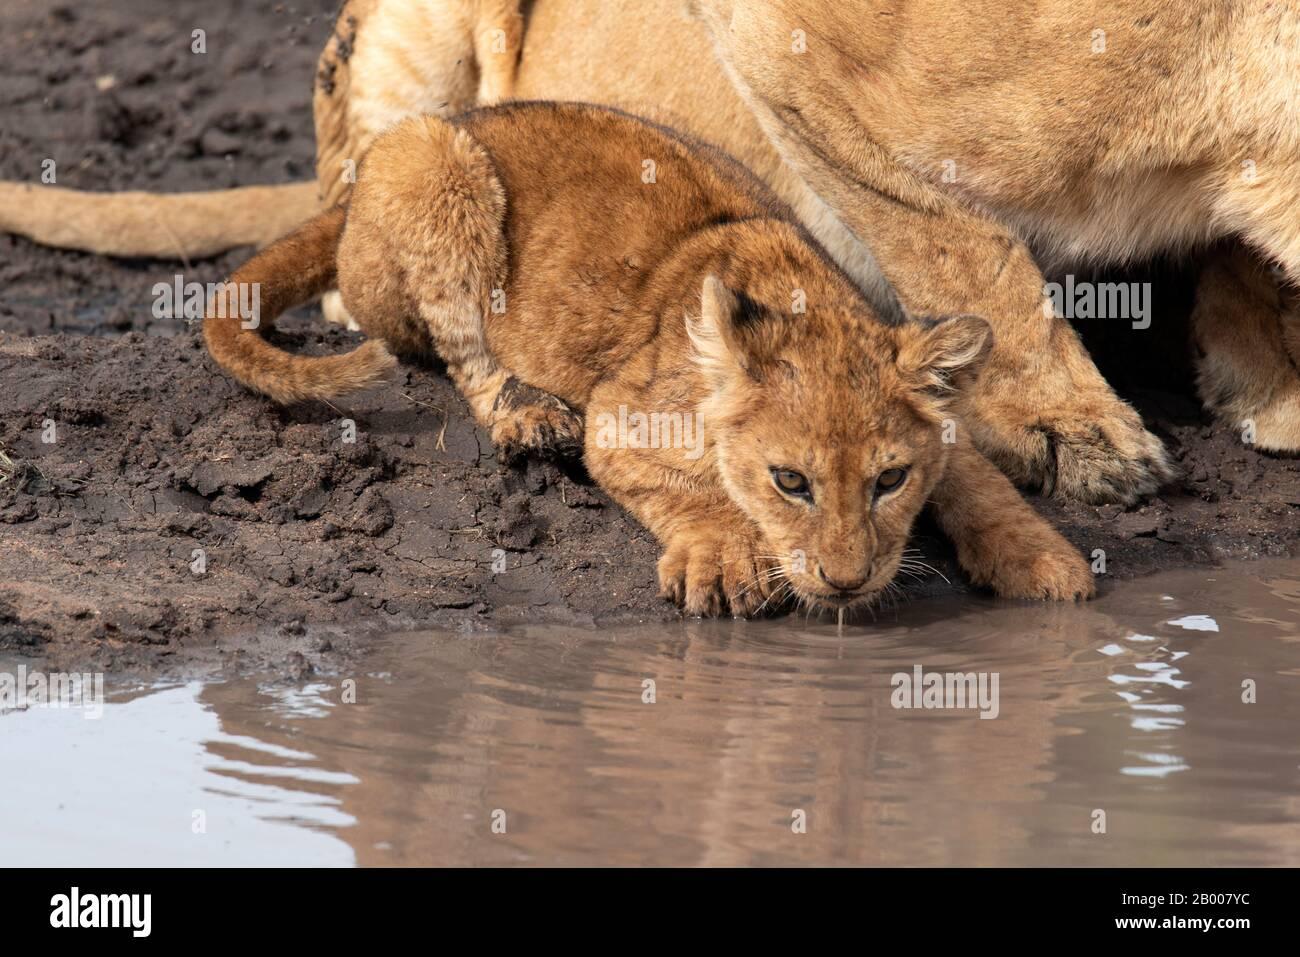 Cachorro de león bebiendo en la boca de agua Foto de stock